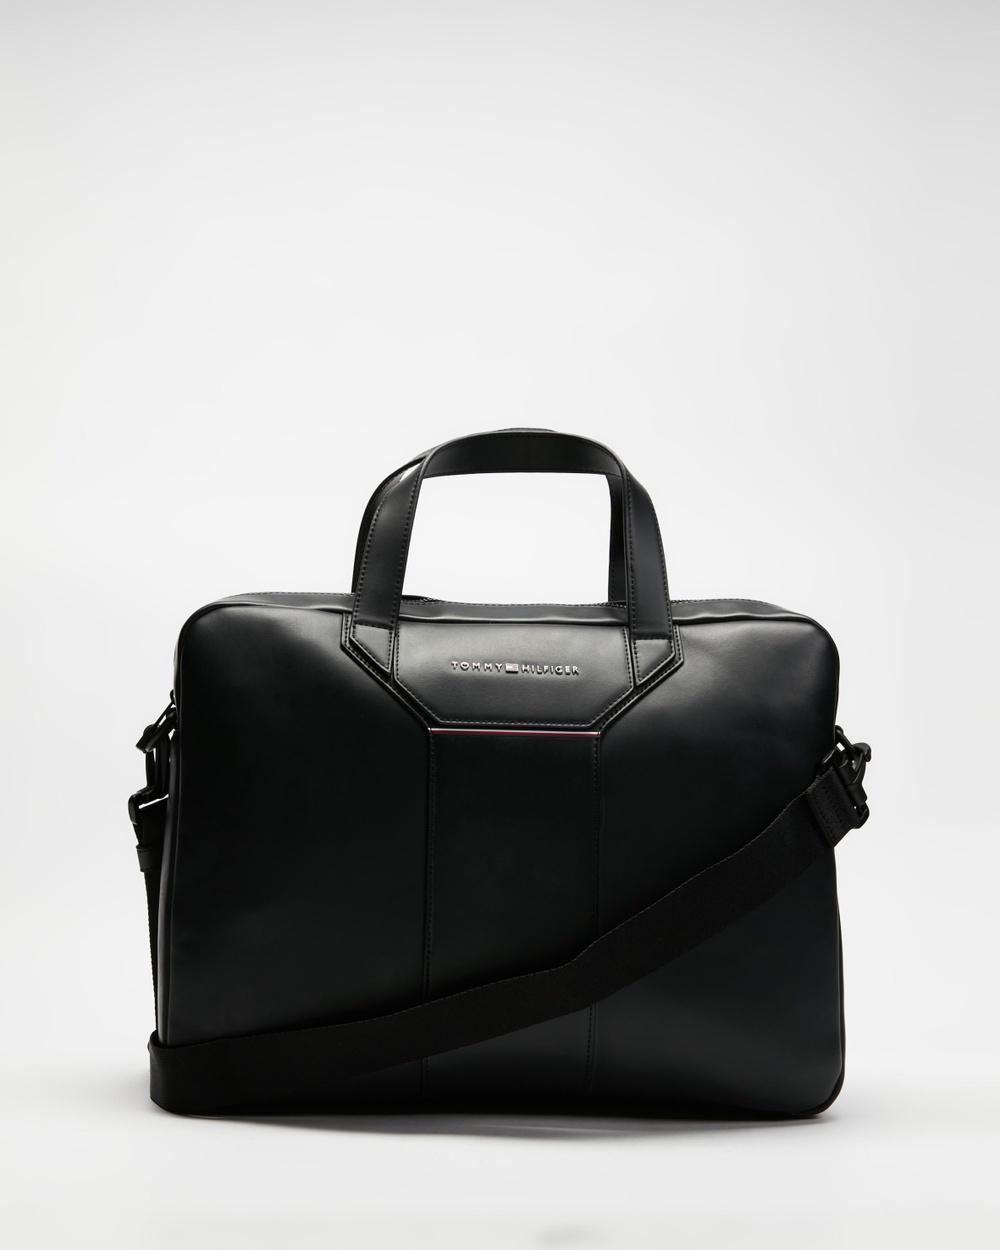 Tommy Hilfiger Commuter Computer Bag Bags Black